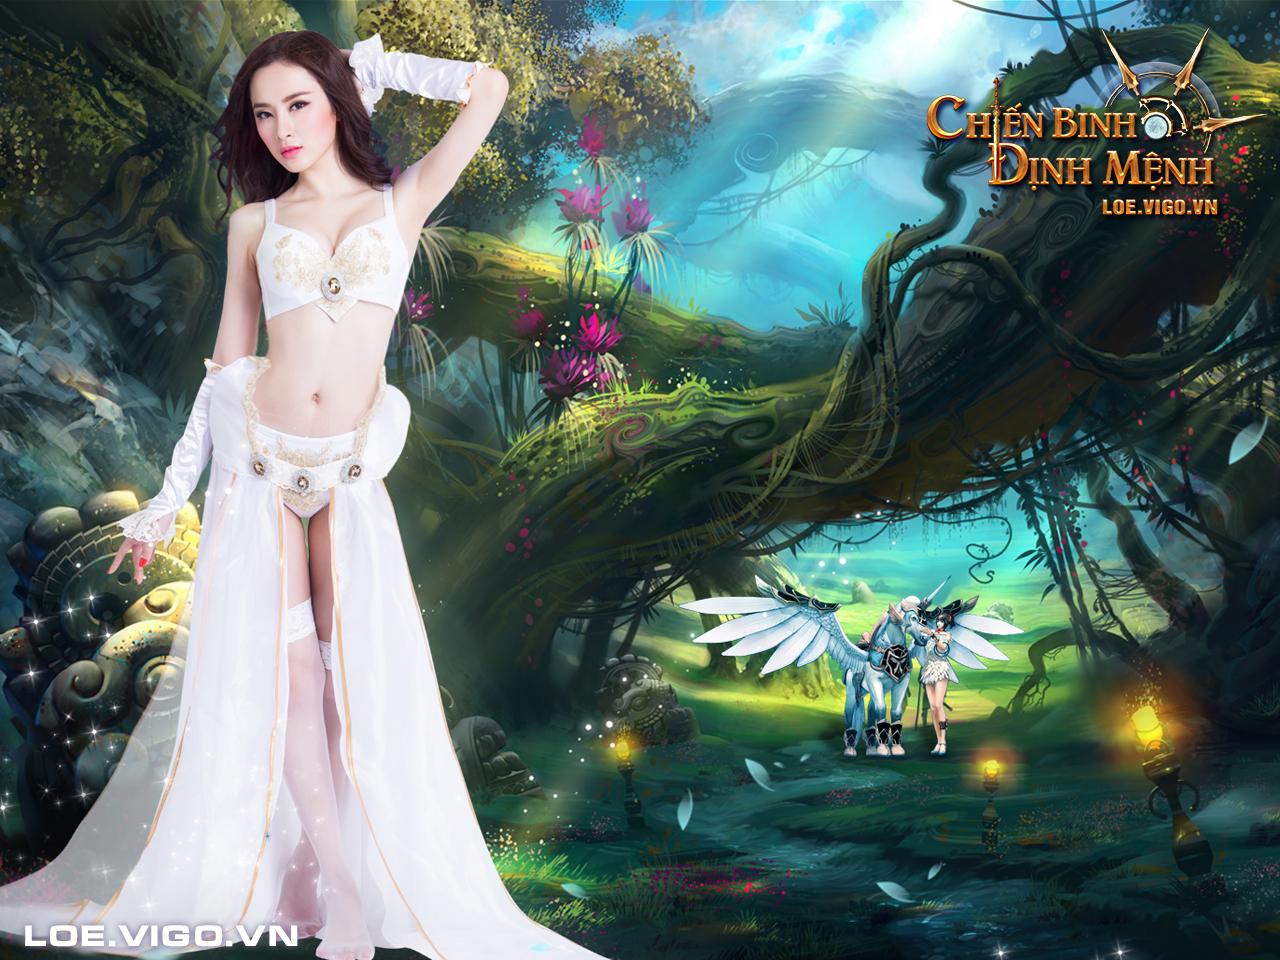 Ngắm thiên thần đáng yêu của Chiến Binh Định Mệnh 8